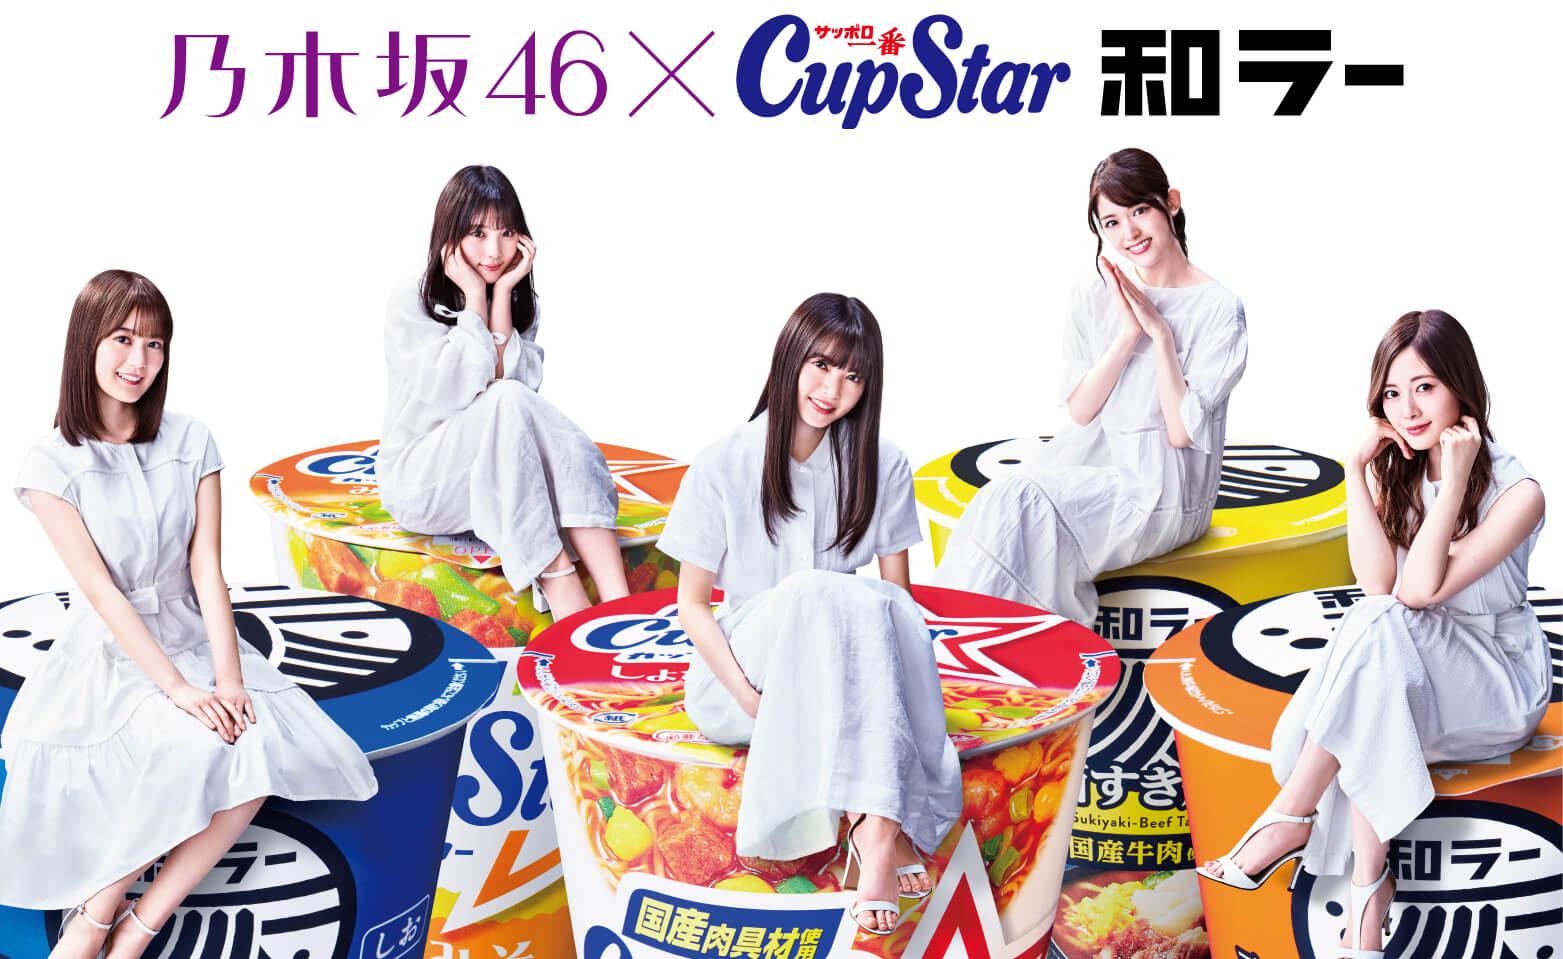 乃木坂46×カップスター・和ラー キャンペーンサイト